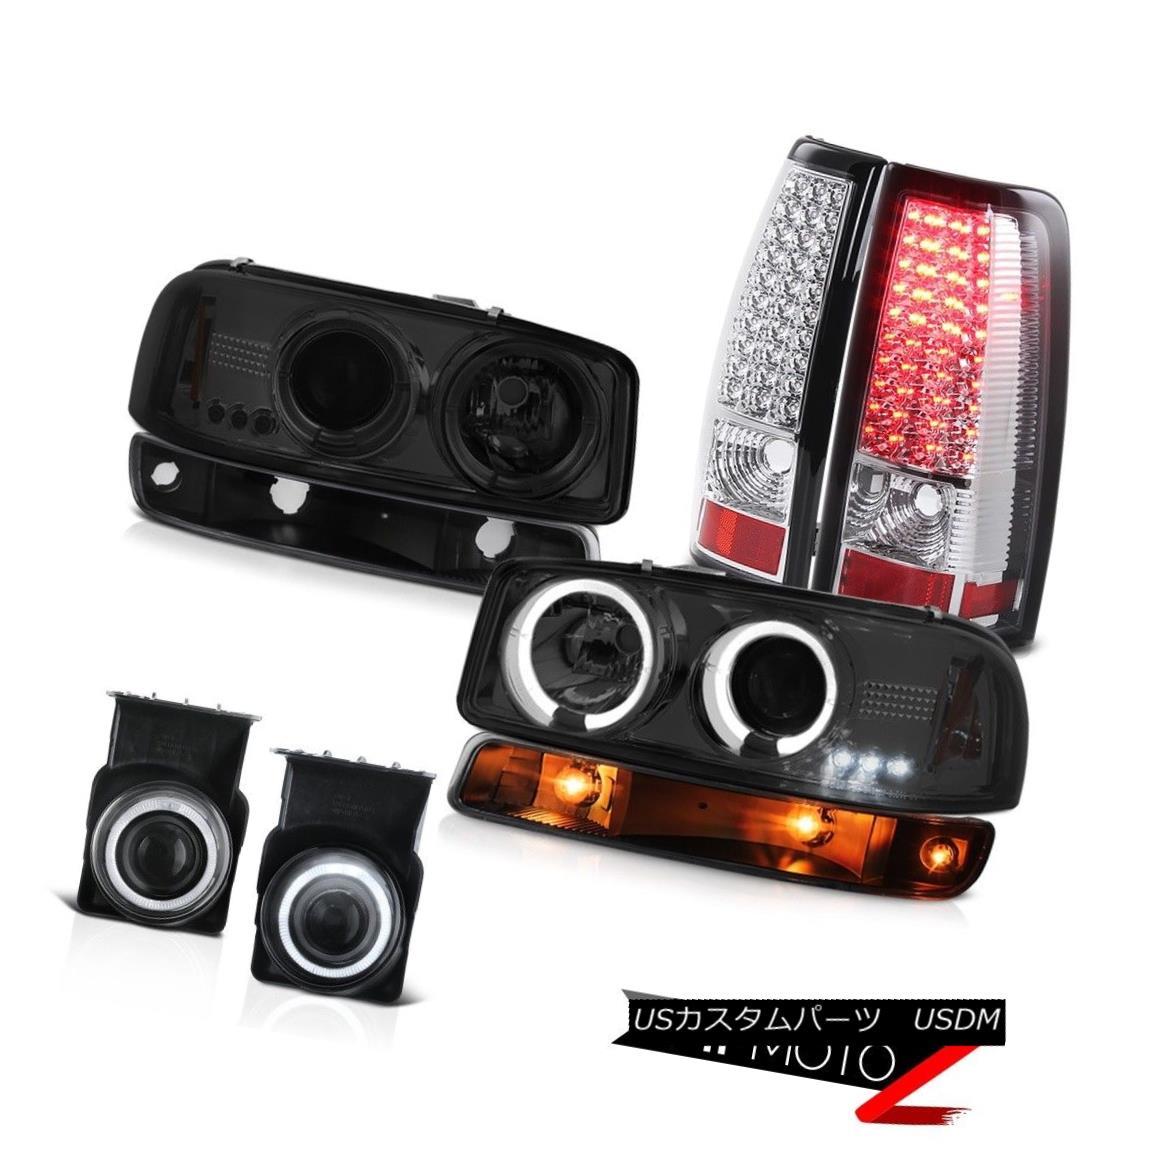 テールライト 2003-2006 Sierra 5.3L Chrome foglamps taillamps black bumper lamp headlamps LED 2003-2006シエラ5.3LクロームフォグランプテールランプブラックバンパーランプヘッドライトLED